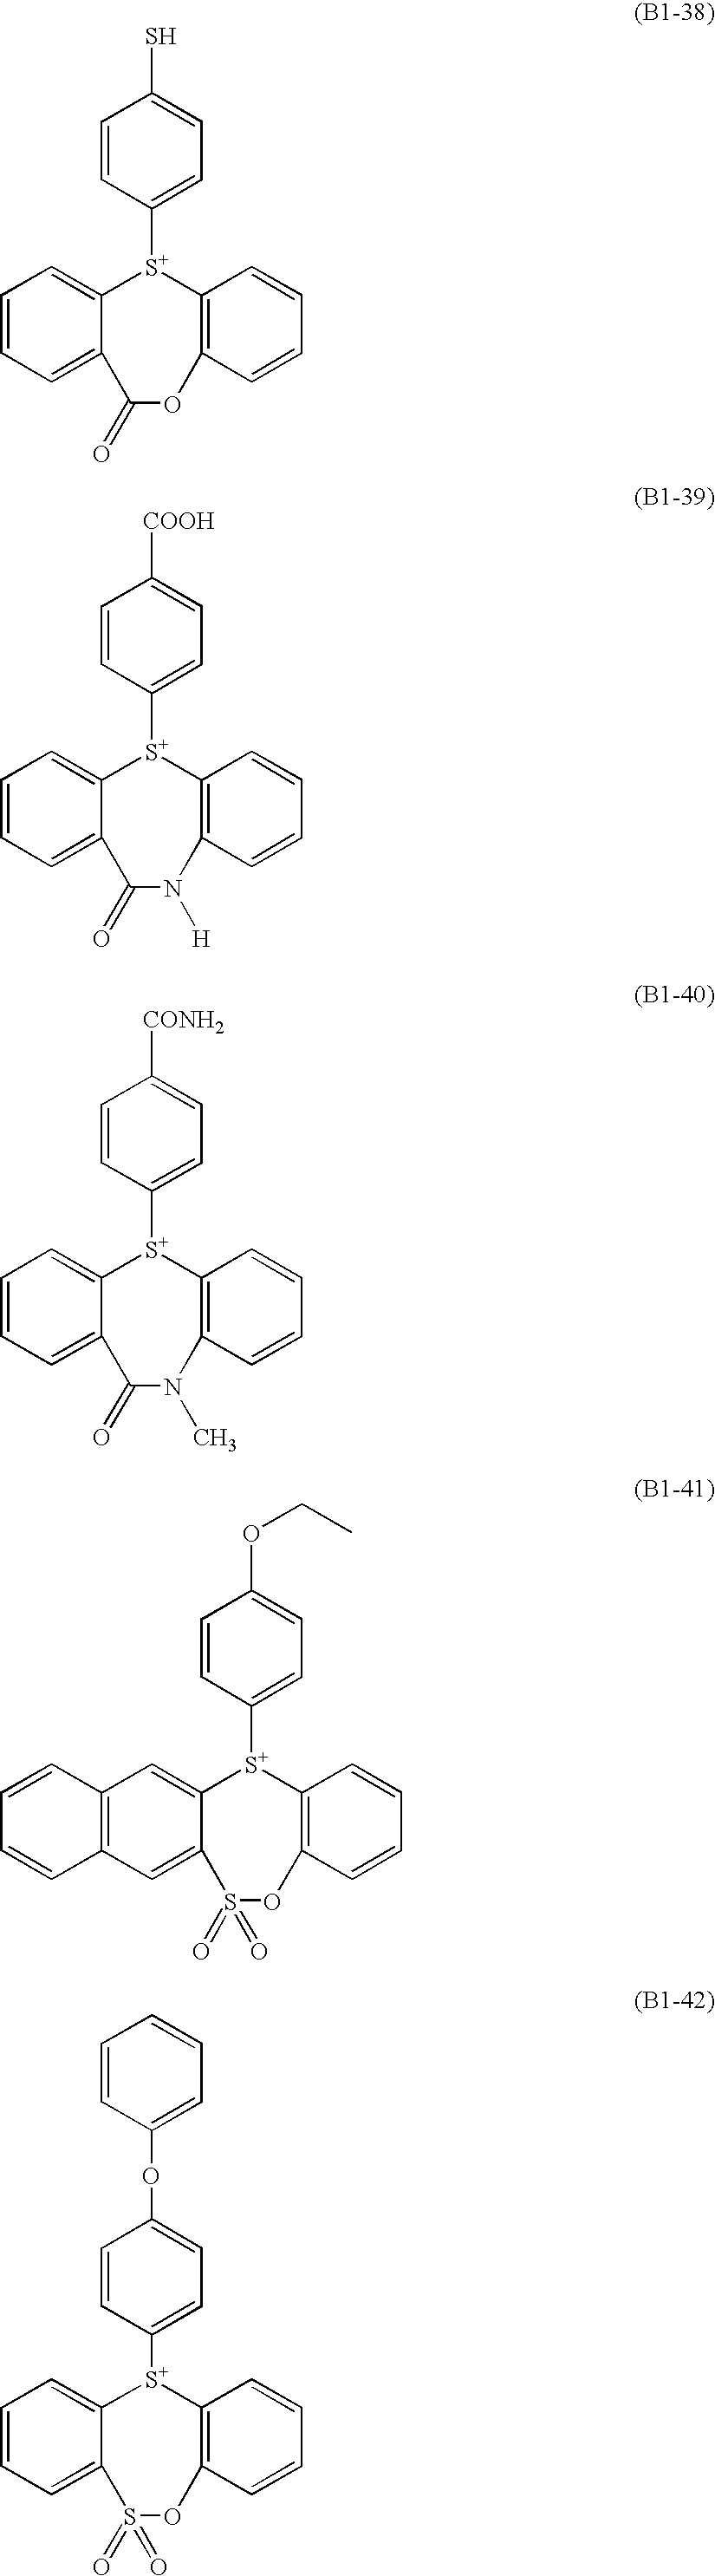 Figure US08852845-20141007-C00017